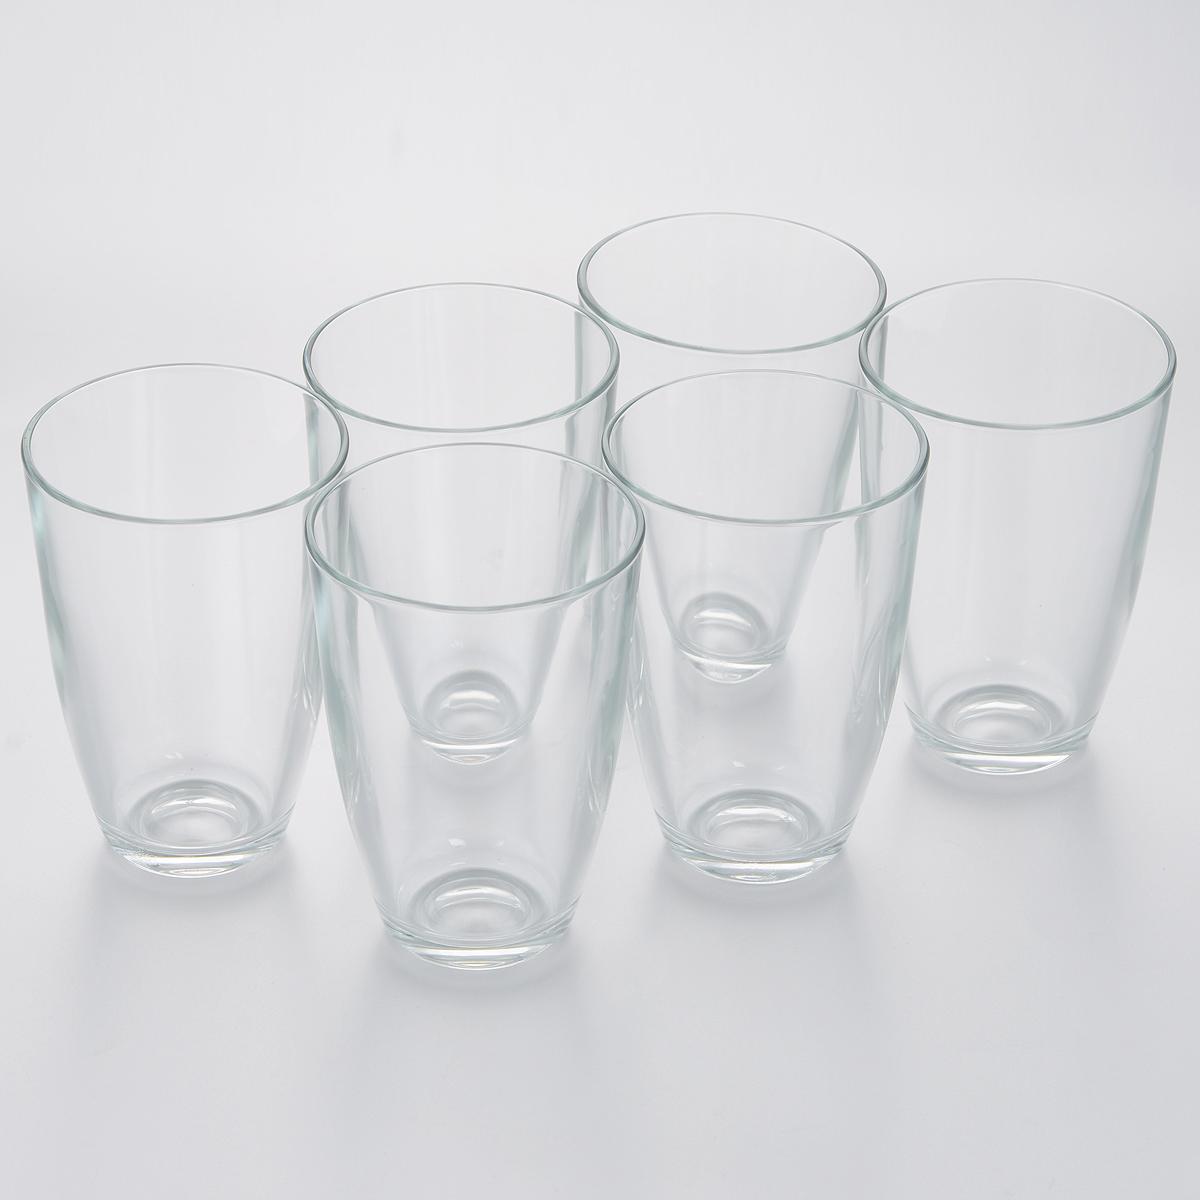 Набор стаканов Pasabahce Aqua, 360 мл, 6 шт52555BНабор Pasabahce Aqua состоит из шести стаканов, выполненных из прочного натрий-кальций-силикатного стекла. Стаканы прекрасно подходят для воды, сока, лимонада, компотов и т.д. Набор стаканов Pasabahce Aqua идеален для ежедневного использования. Функциональность, практичность и стильный современный дизайн сделают набор прекрасным дополнением к вашей коллекции посуды. Можно мыть в посудомоечной машине и использовать в микроволновой печи при температуре до +70°С.